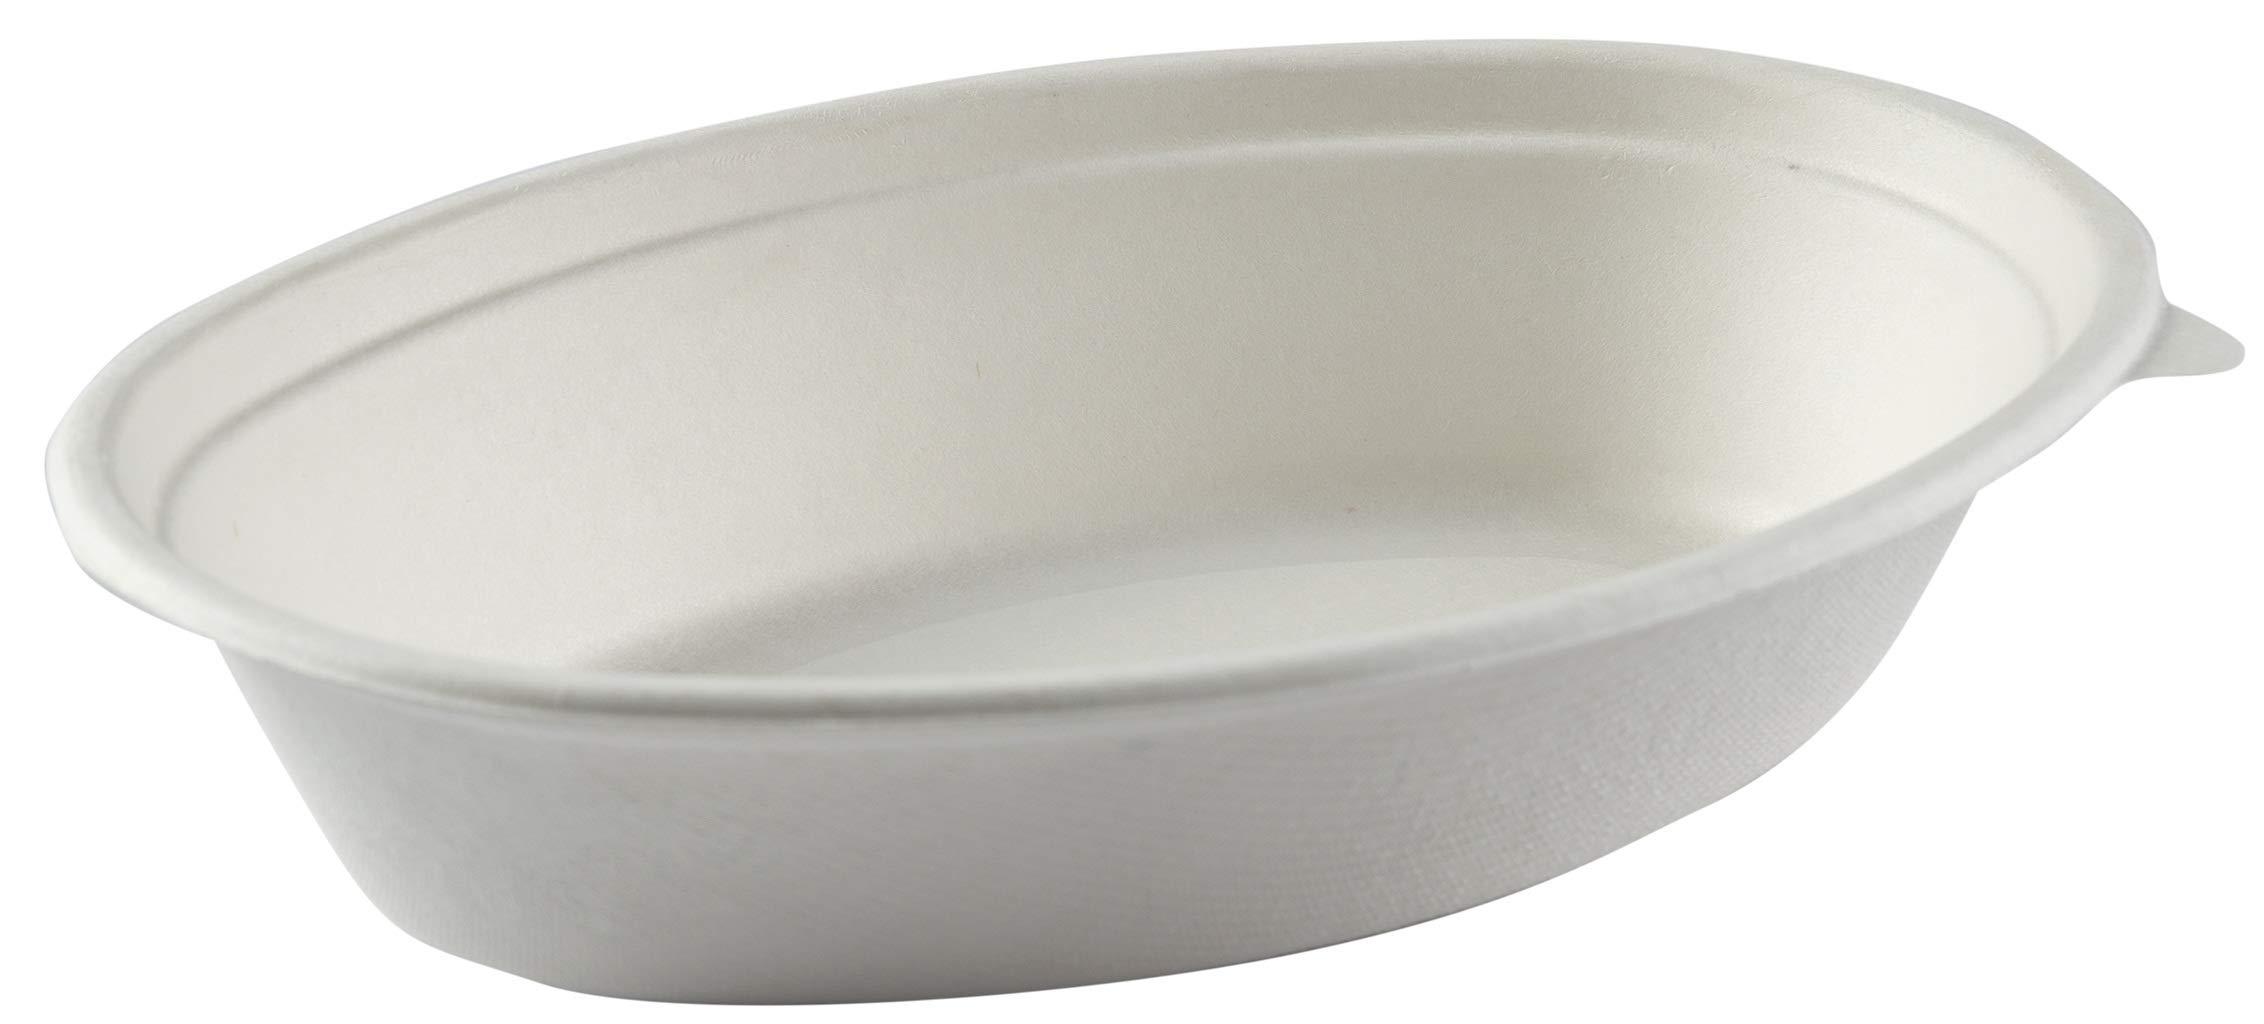 Primeware Oval Bowl, 20 Ounce - 500 per case.